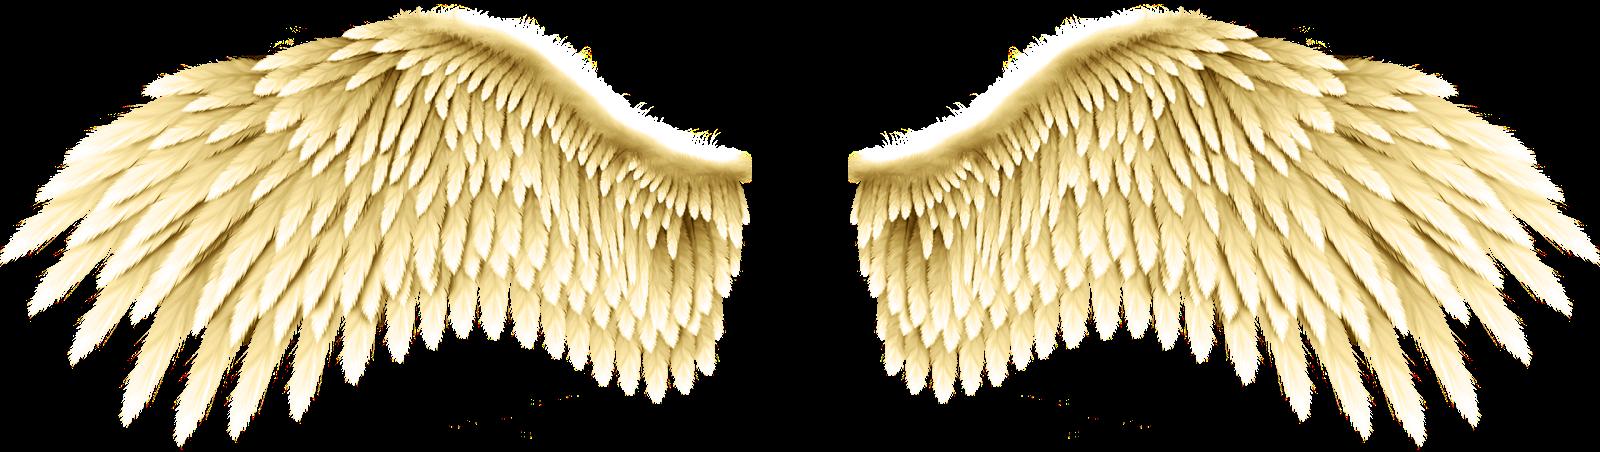 asas de anjo ficam - photo #10